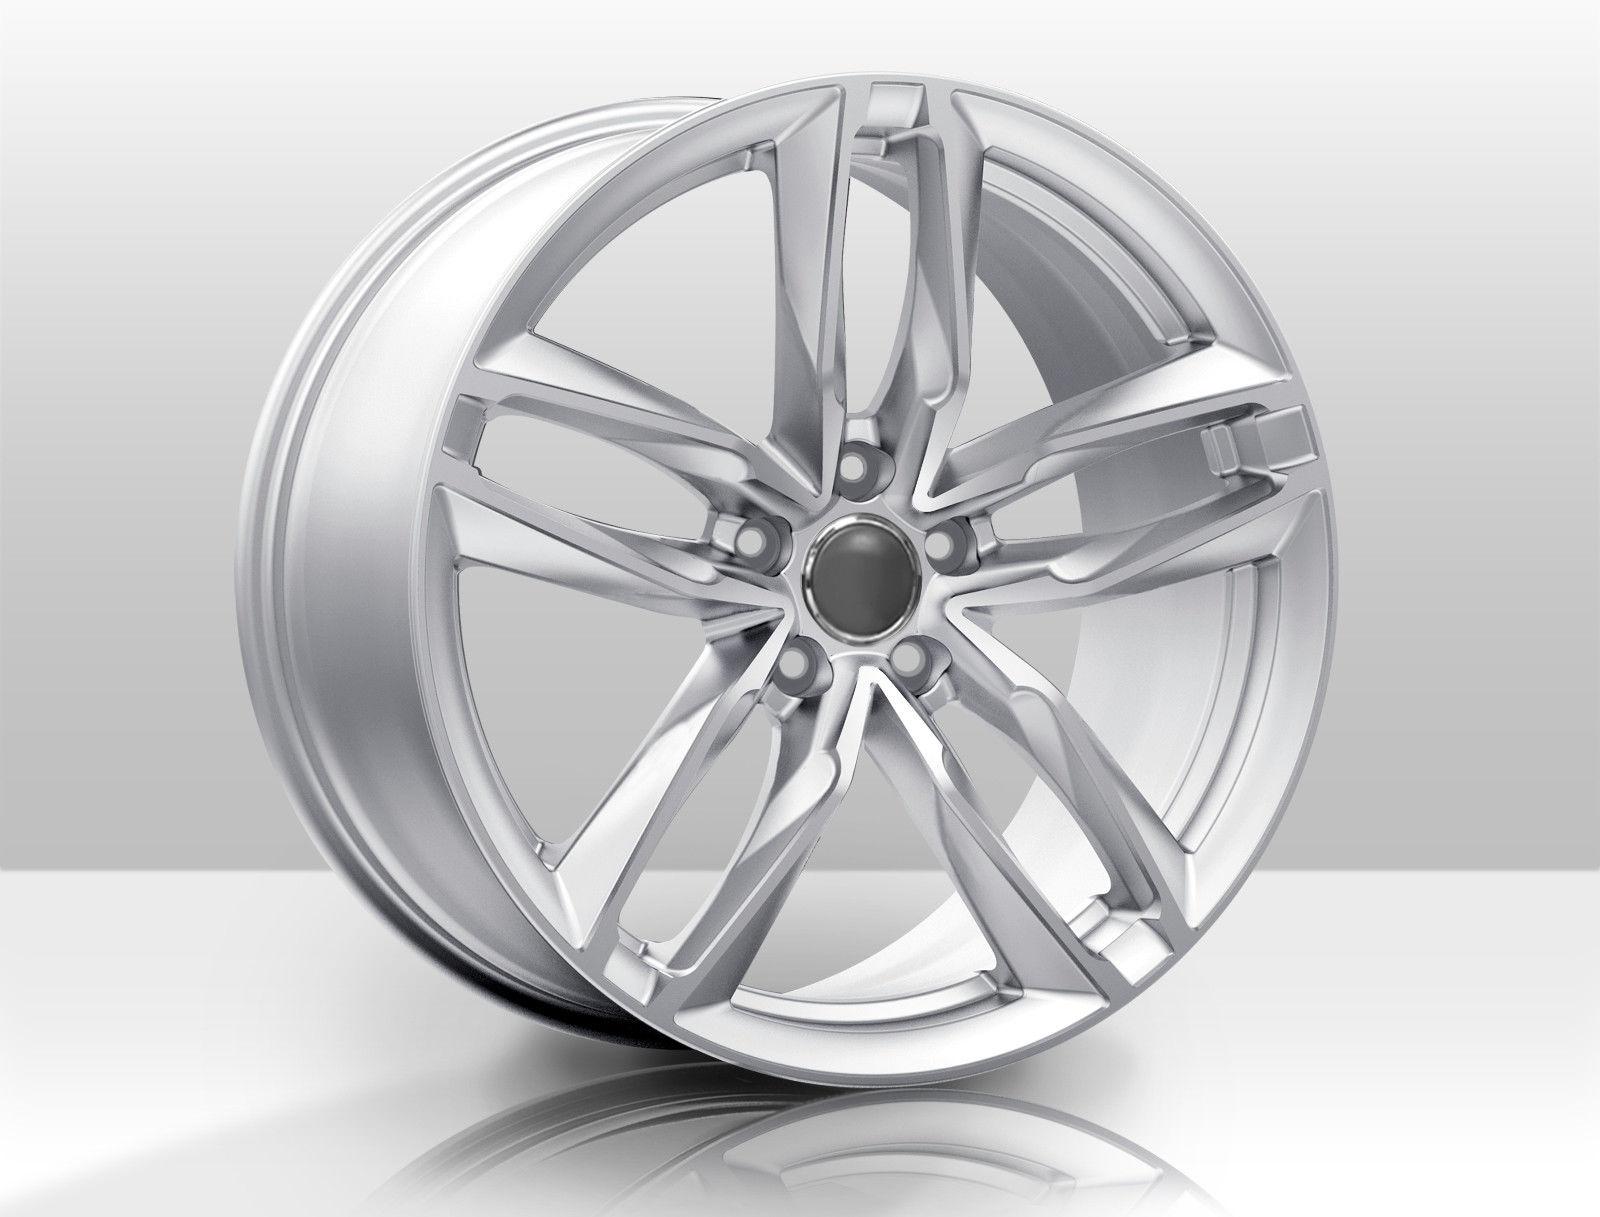 News Alufelgen 19Zoll & 20Zoll Alufelgen für Audi A5 S5 & RS5 LS24